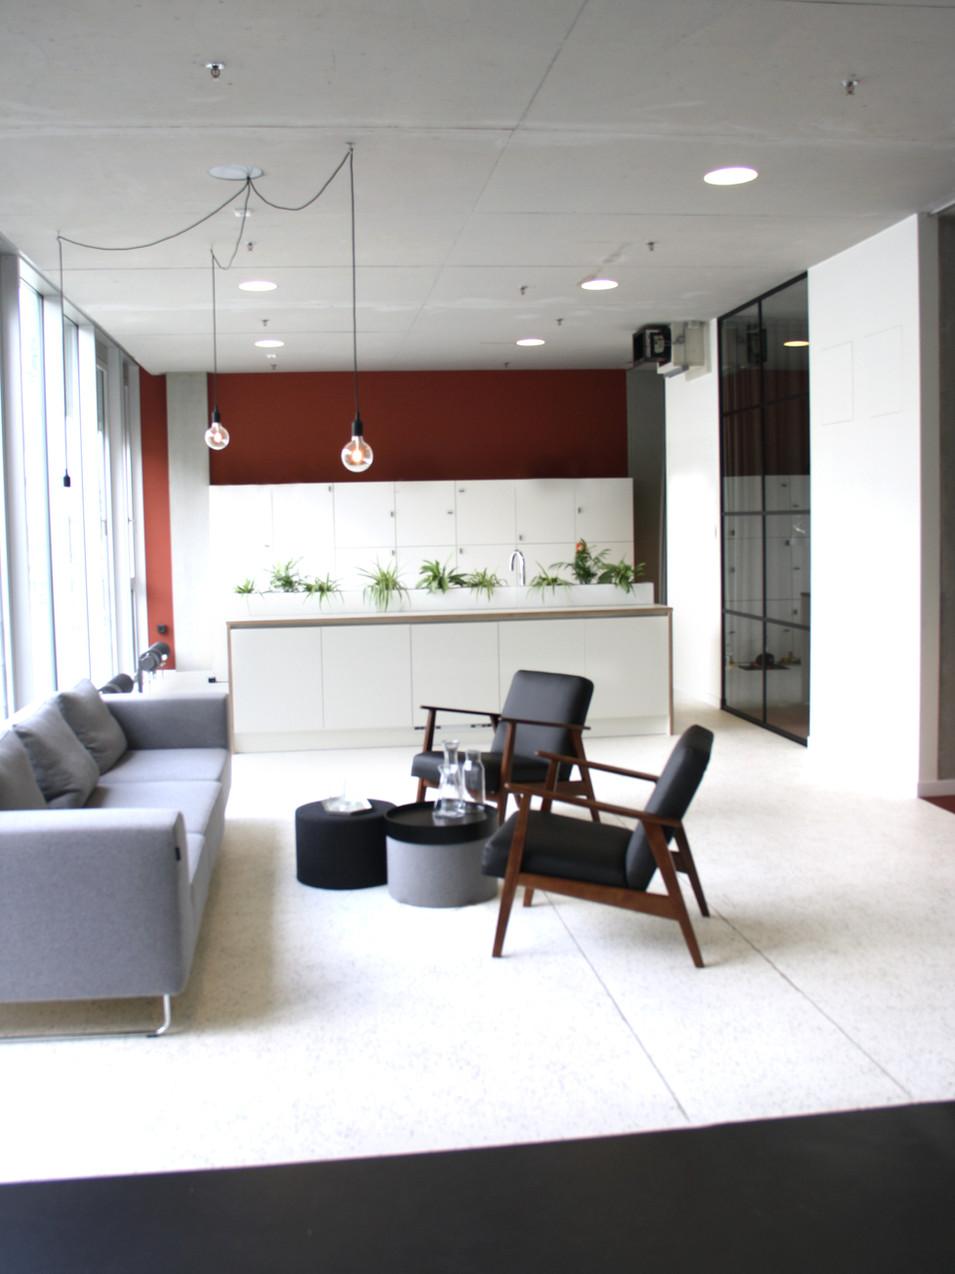 Innenarchitektur München Malluvia Marcella Breugl Leitwerk Unternehmensberatung Büroumbau Ankommen Eingangsbereich